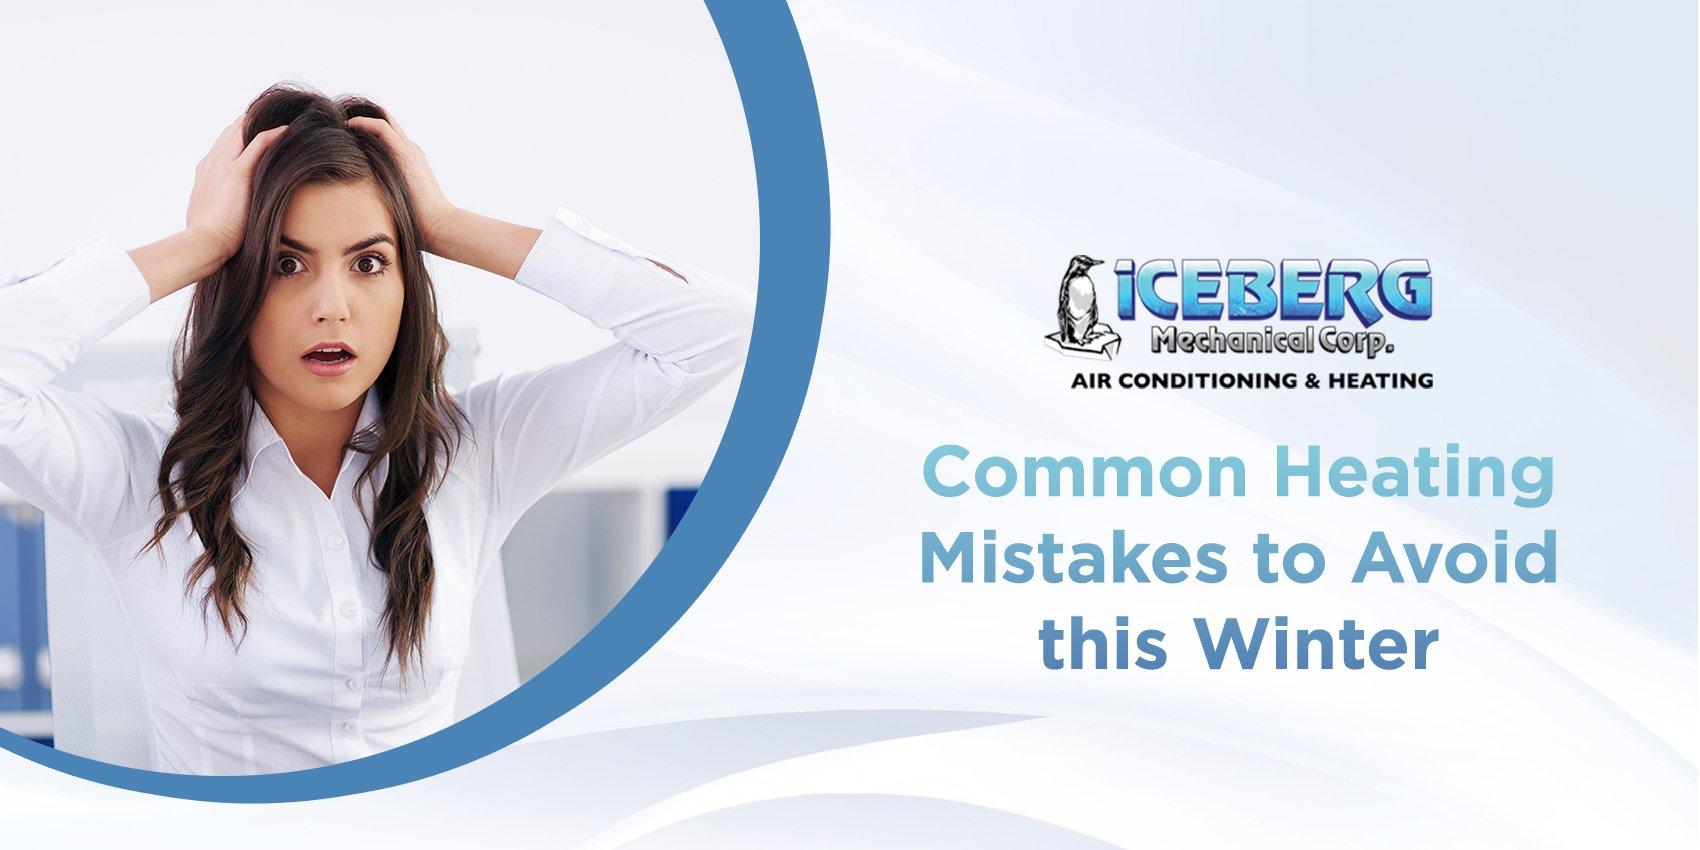 CommonMistakes_IceBerg